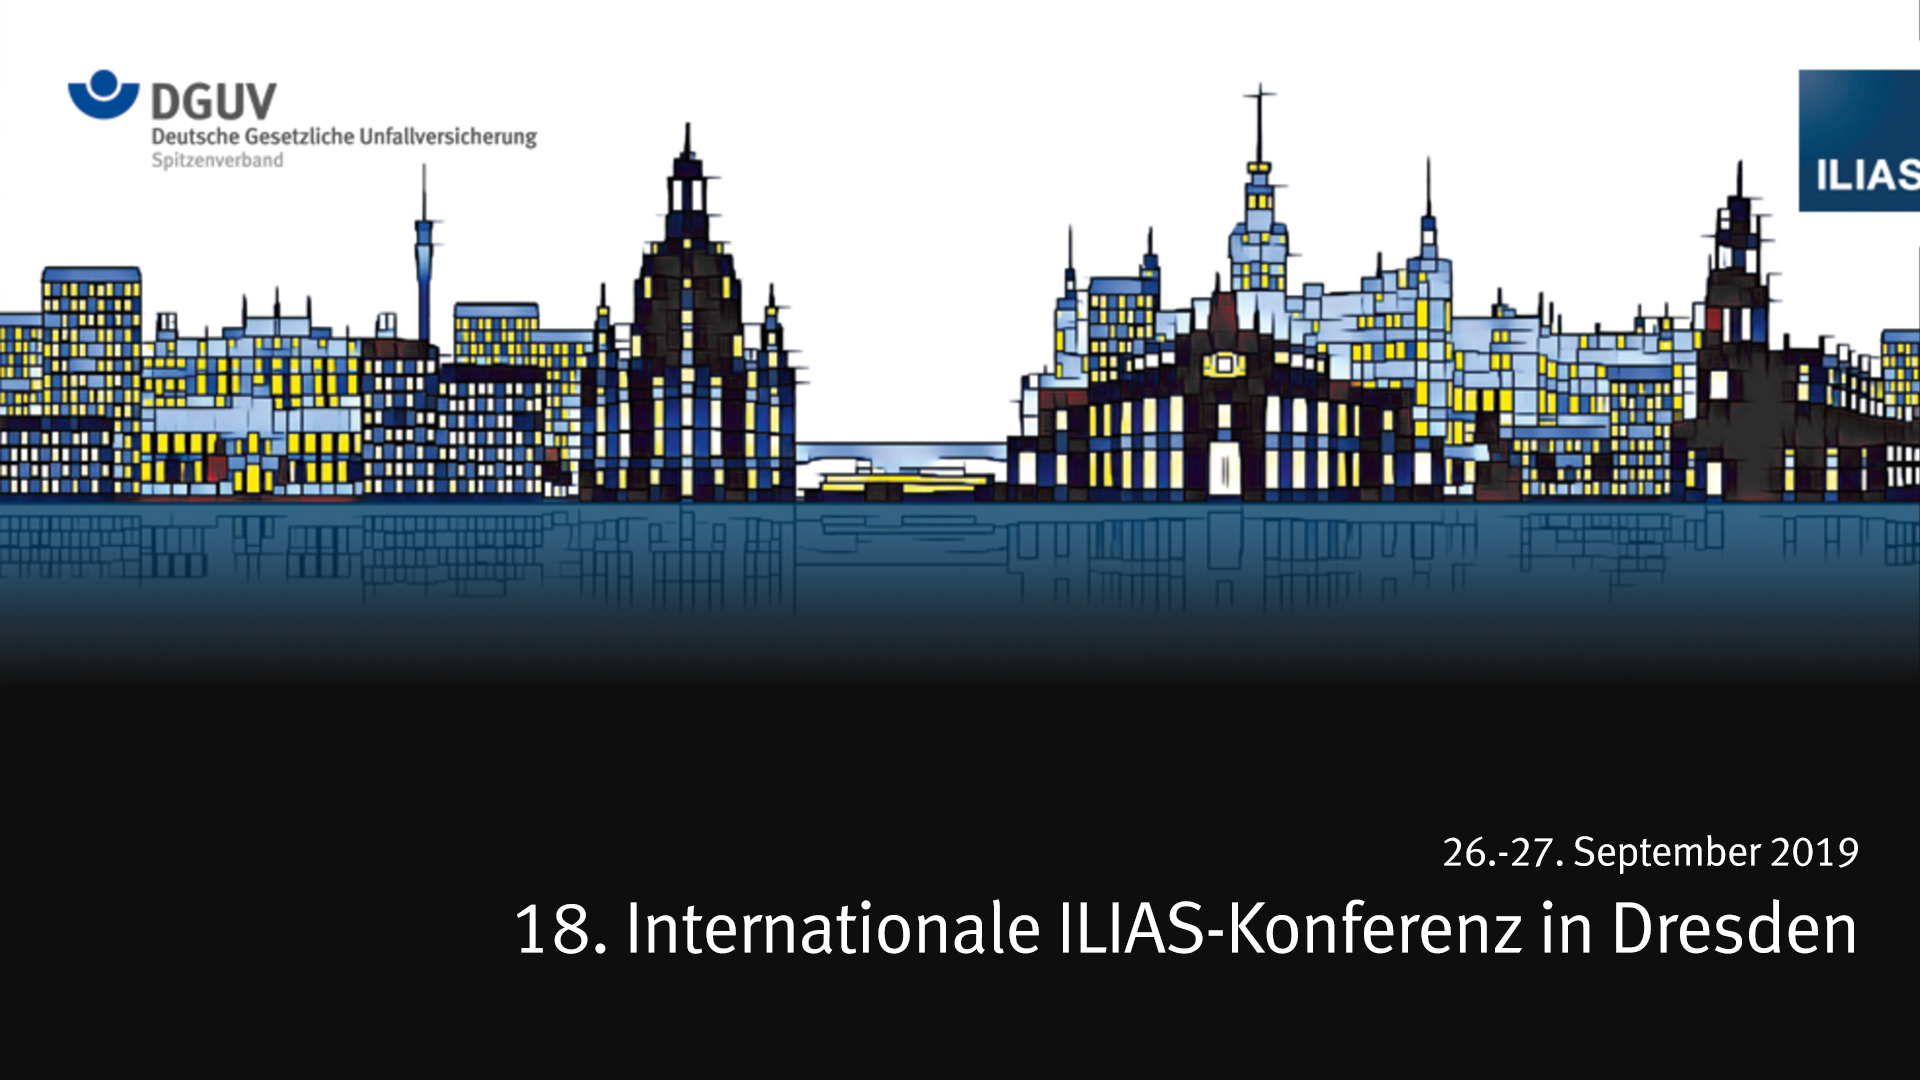 Rückblick auf die 18. Internationale ILIAS-Konferenz